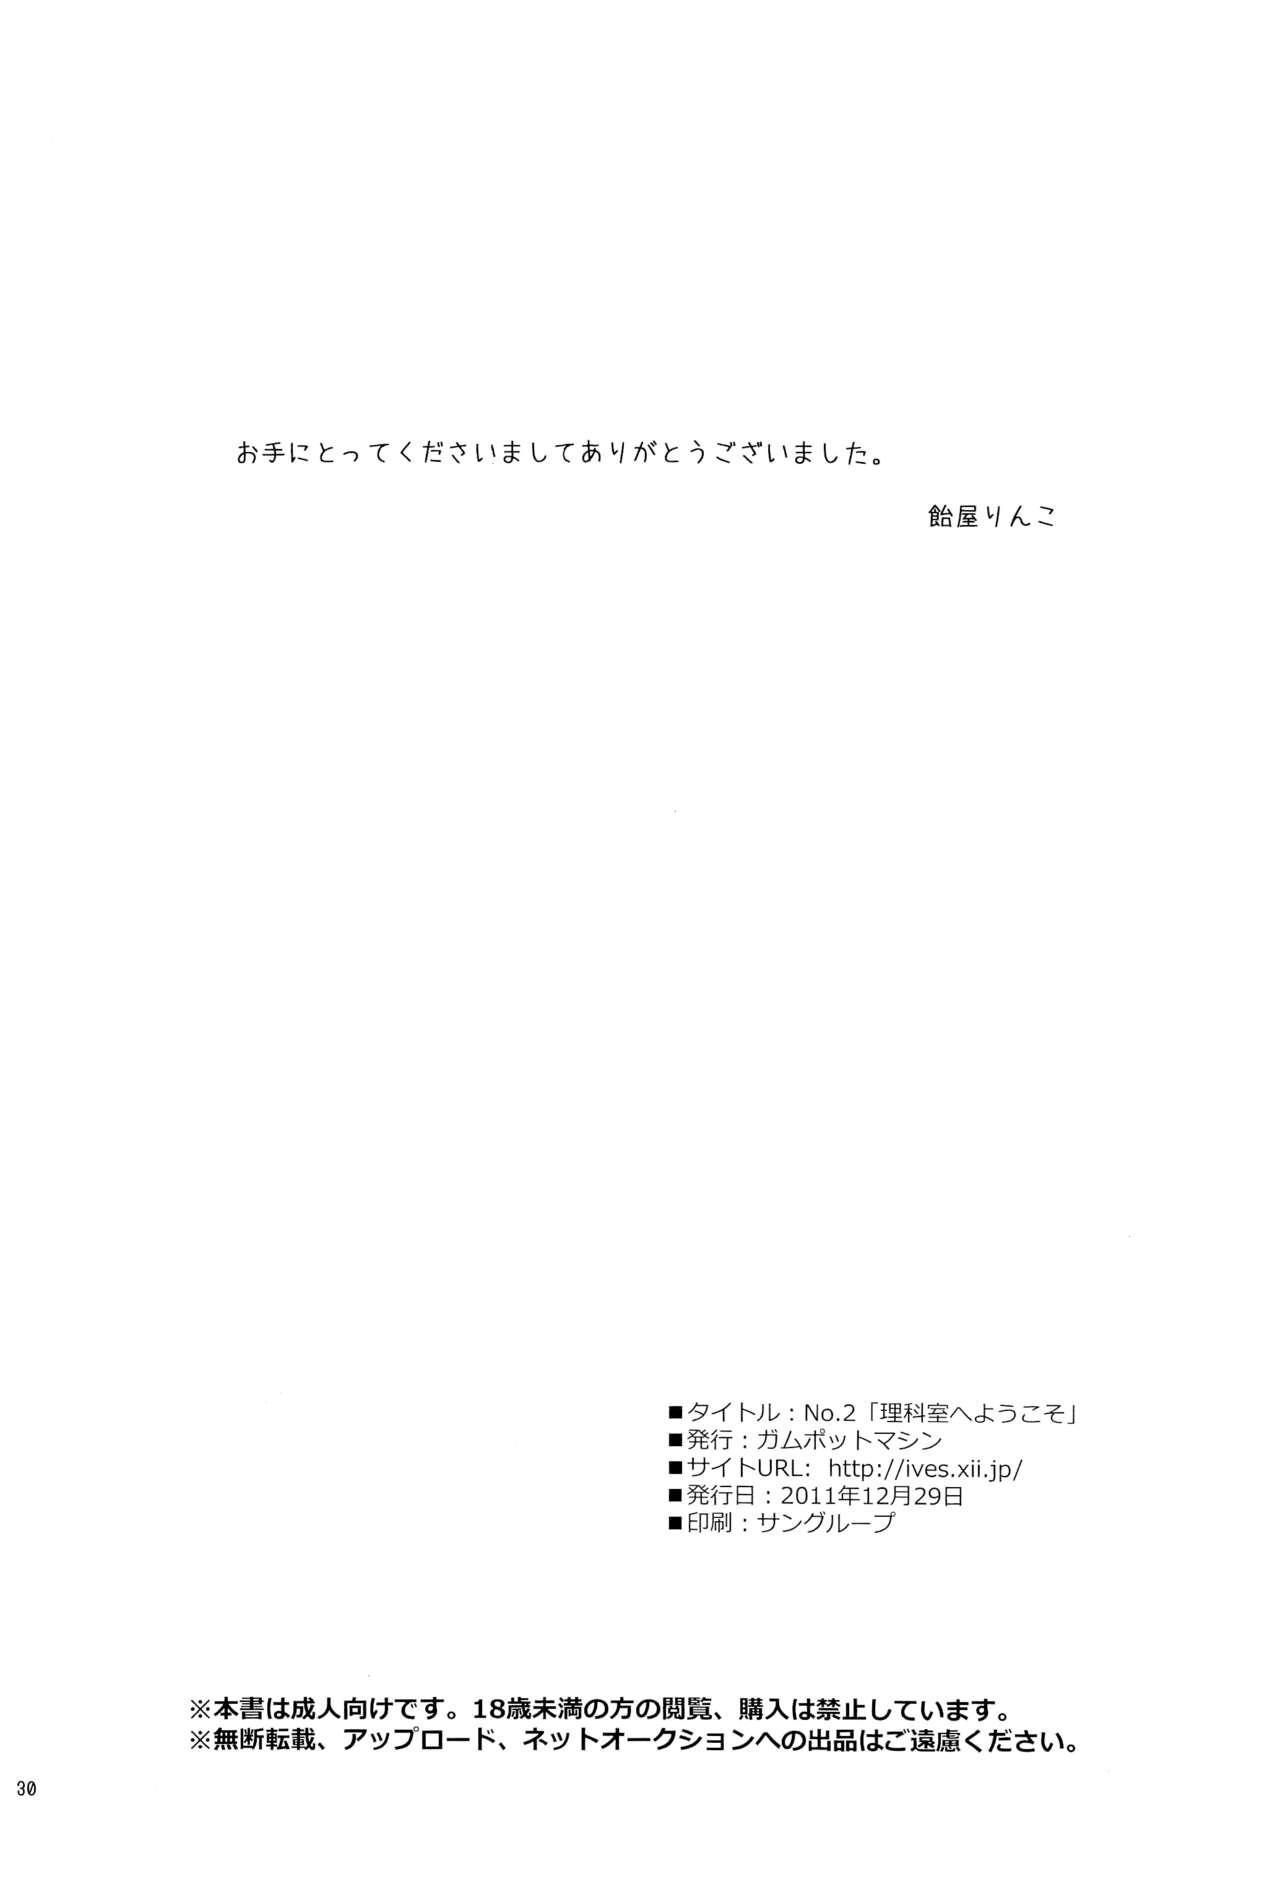 No. 2 'Rika-shitsu e Youkoso' 28